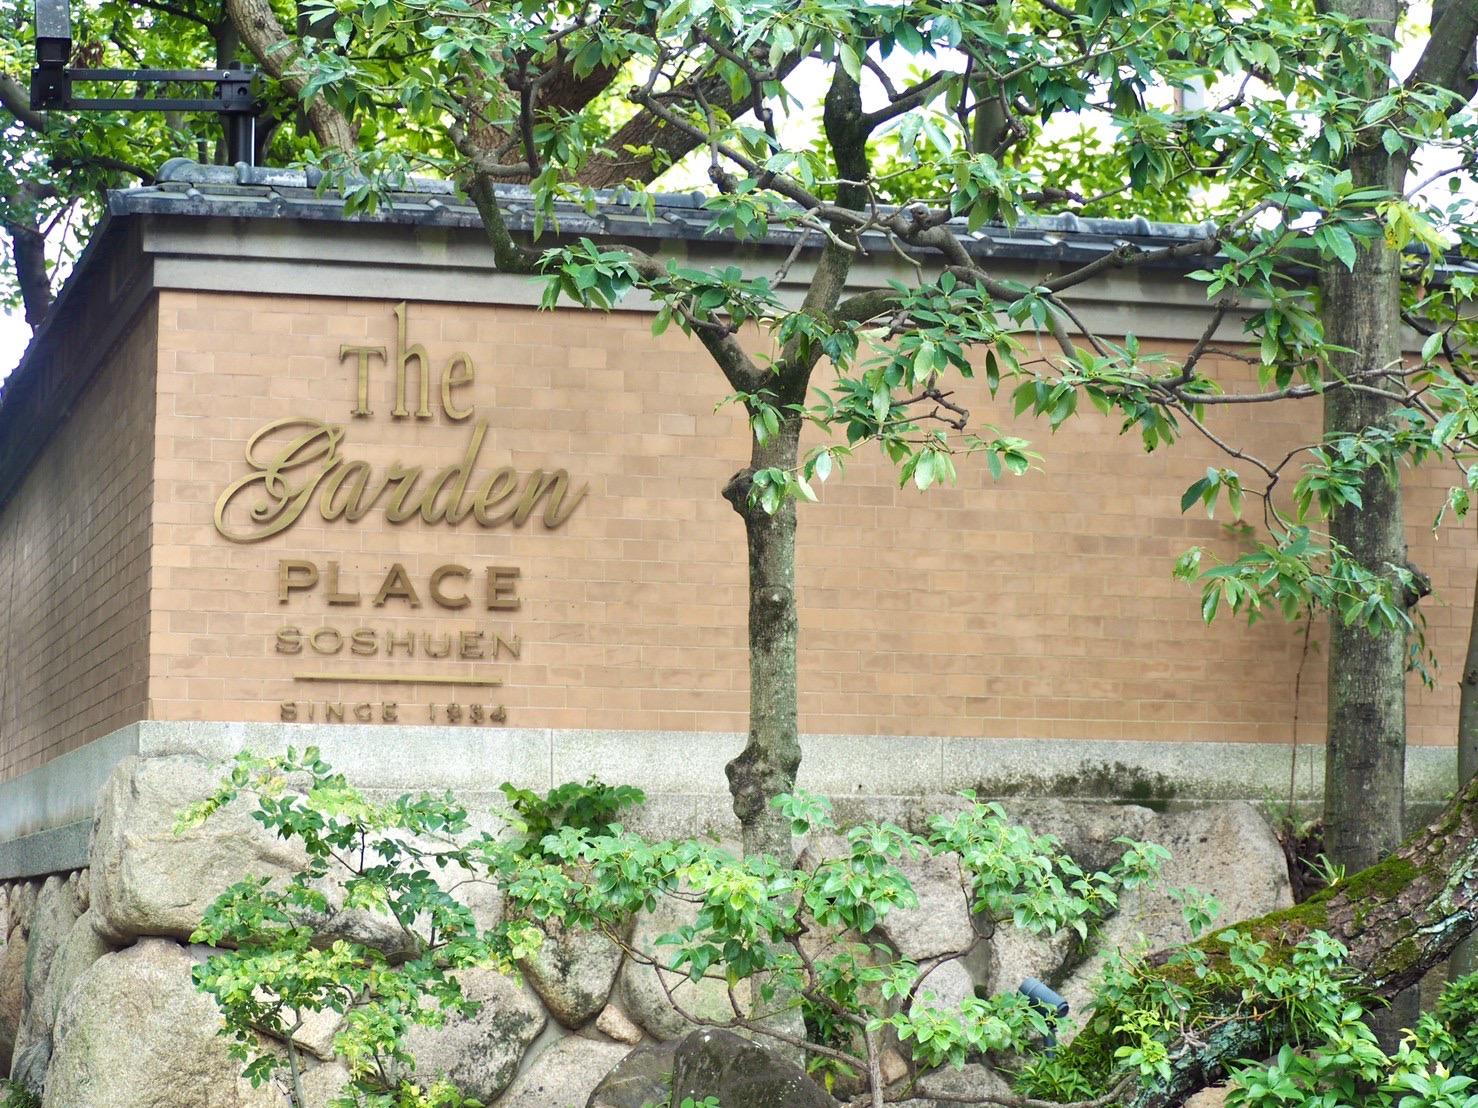 ザ・トリートドレッシング神戸店が提携させていただいている蘇州園のご紹介